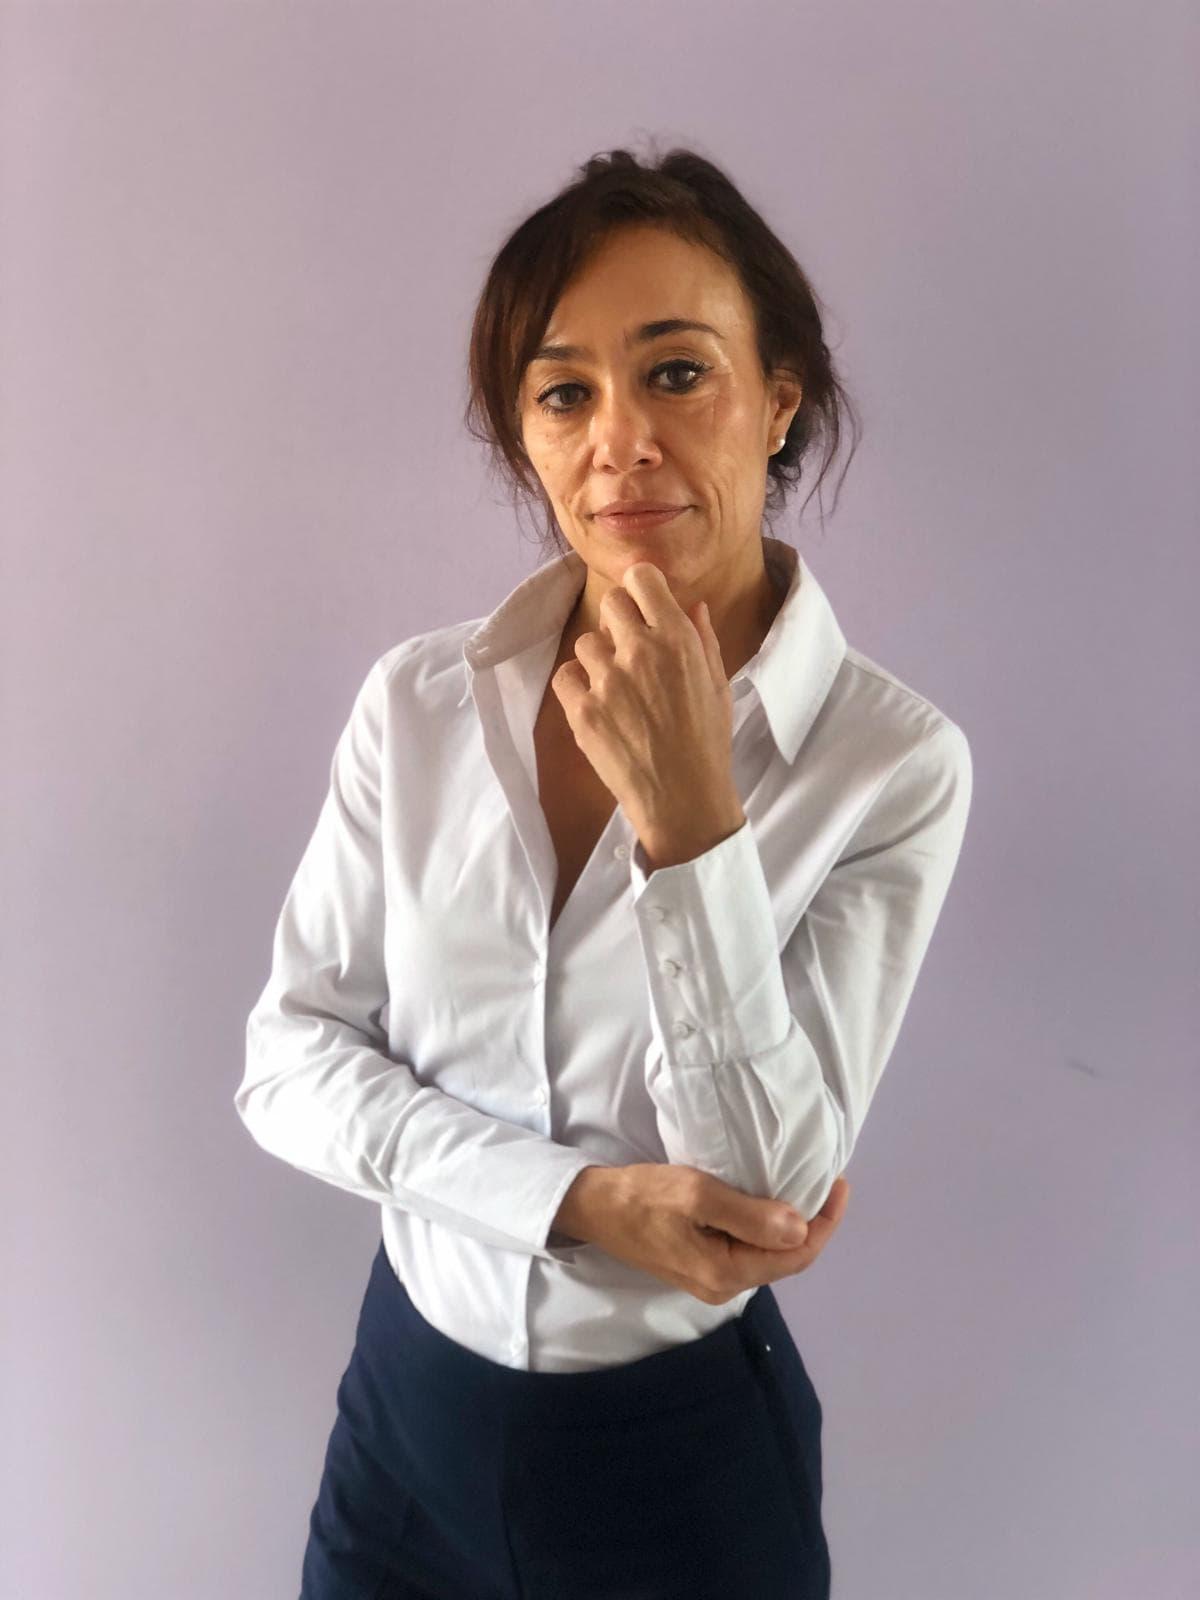 Ana Rodriguez en camisa pantalón Sermujer.life